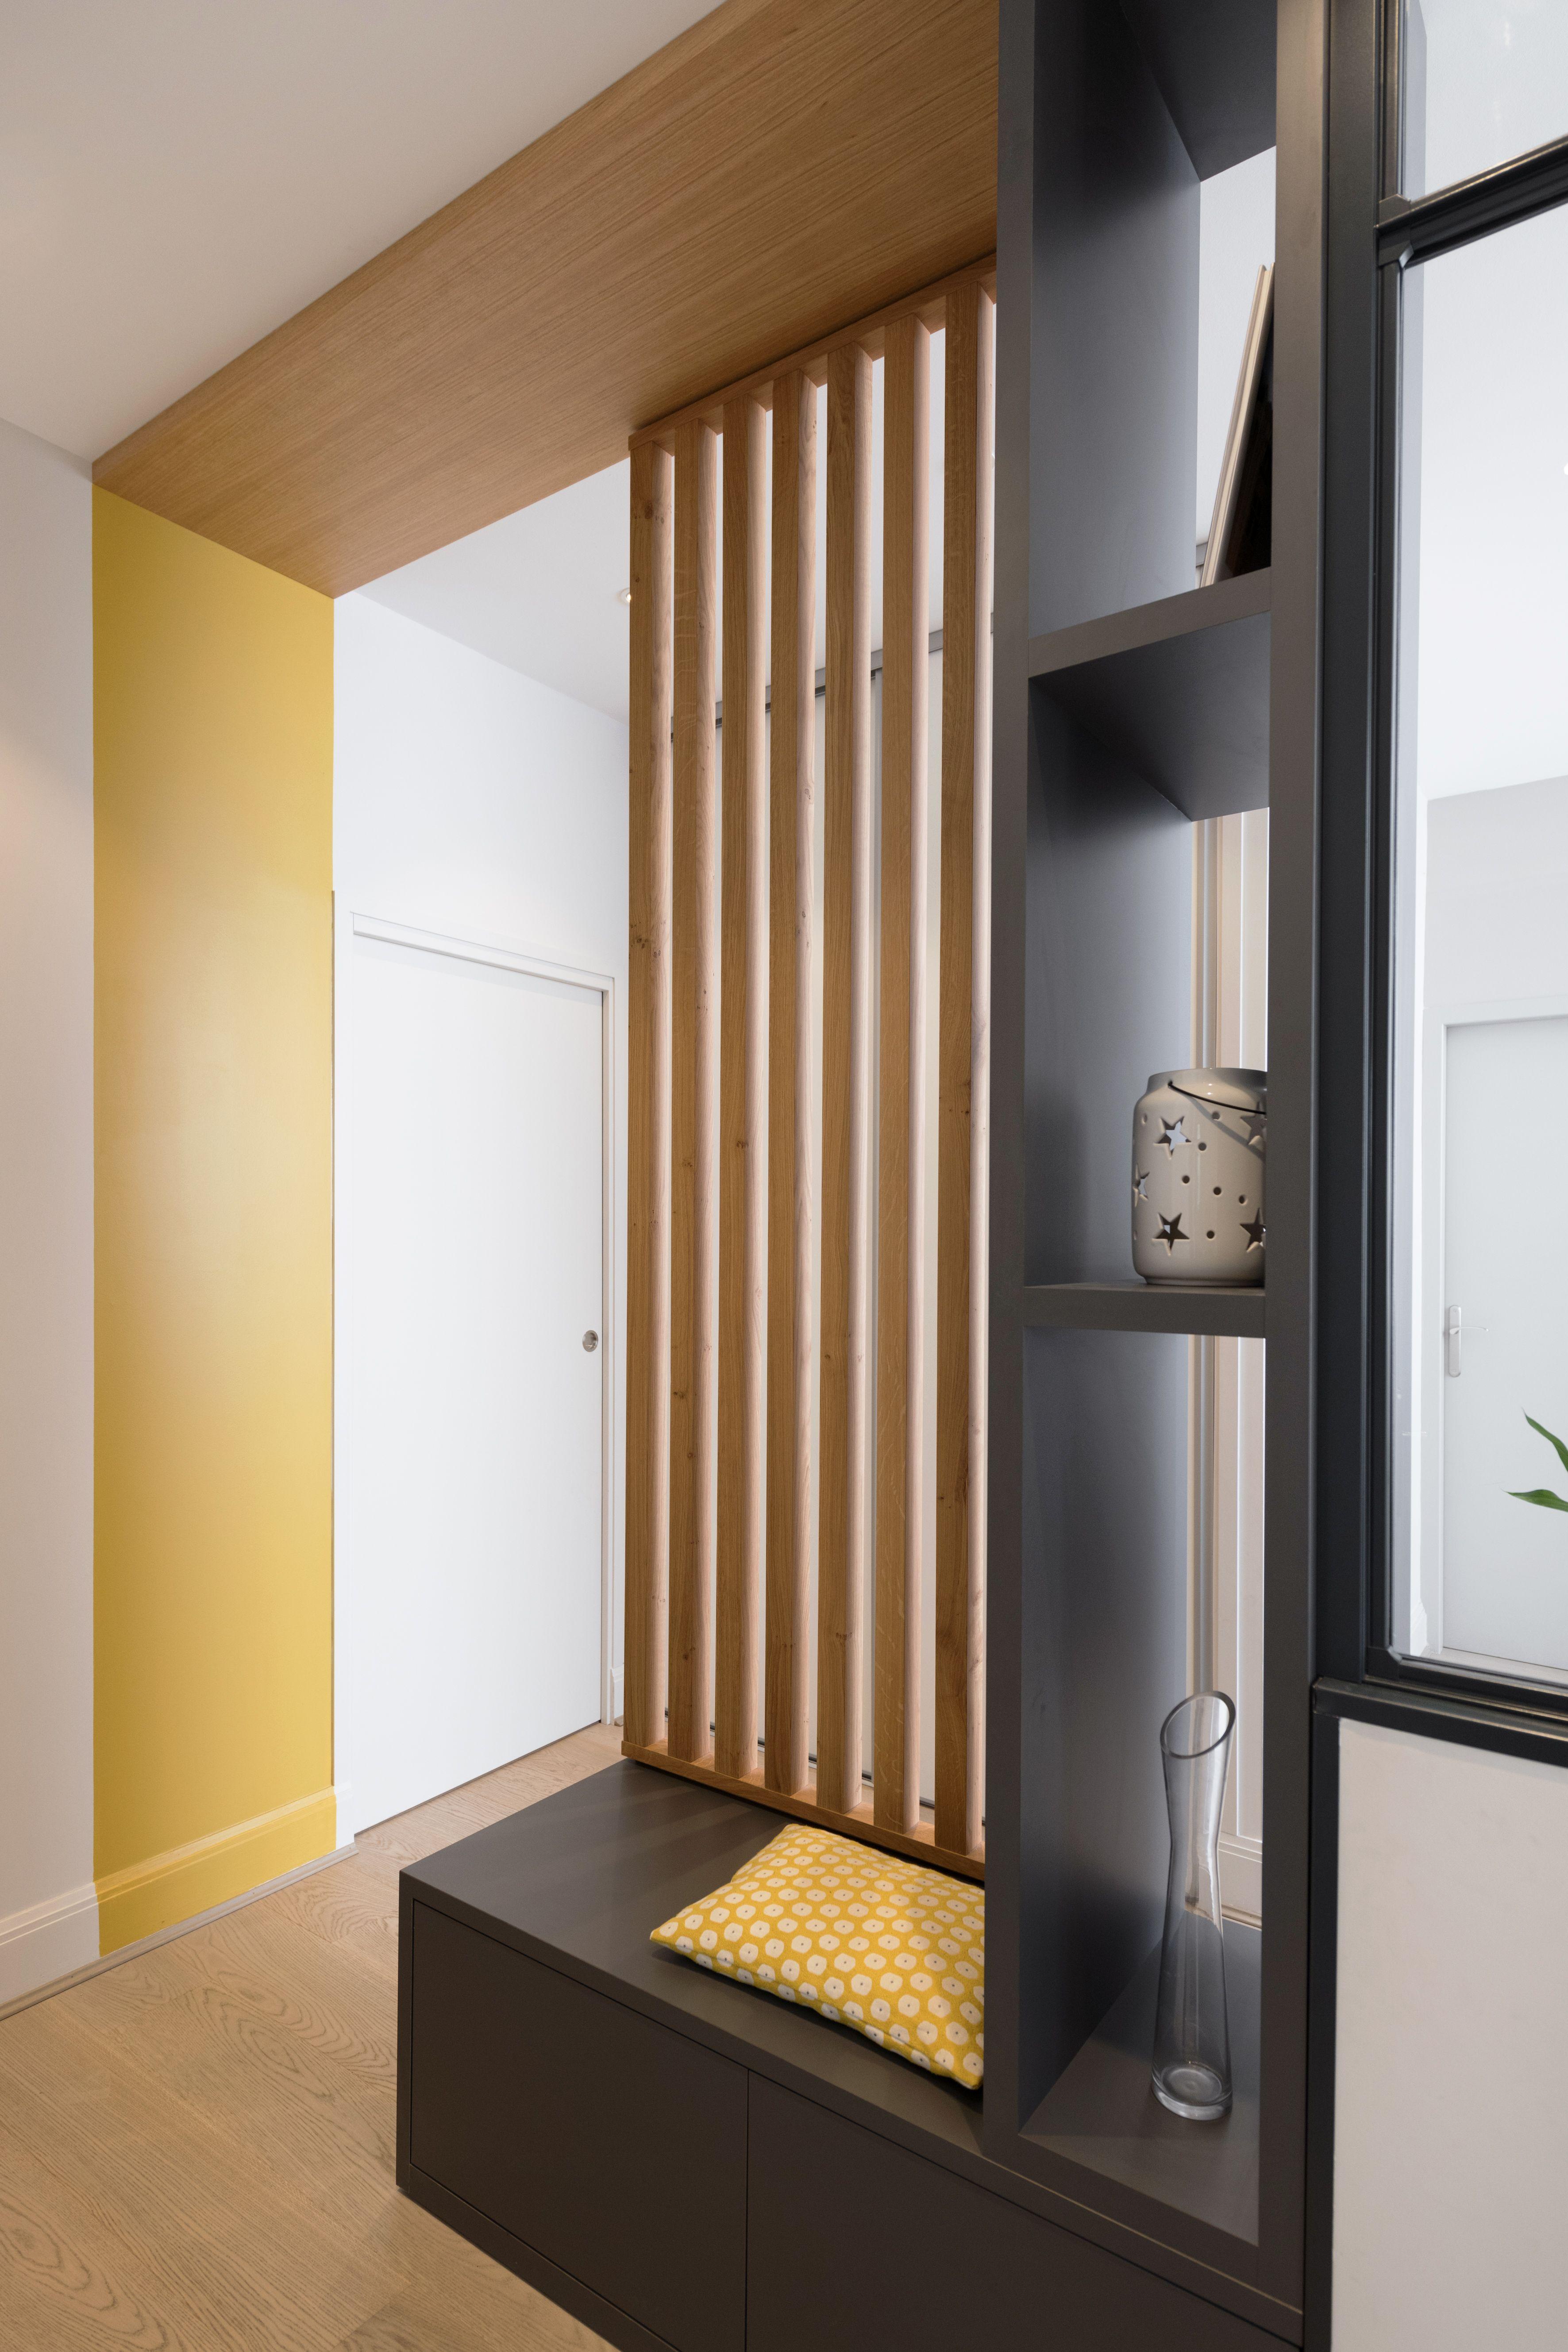 Appartement renovation lyon architecte interieur hall en 2019 couleur int rieure d coration - Idee interieur maison ...